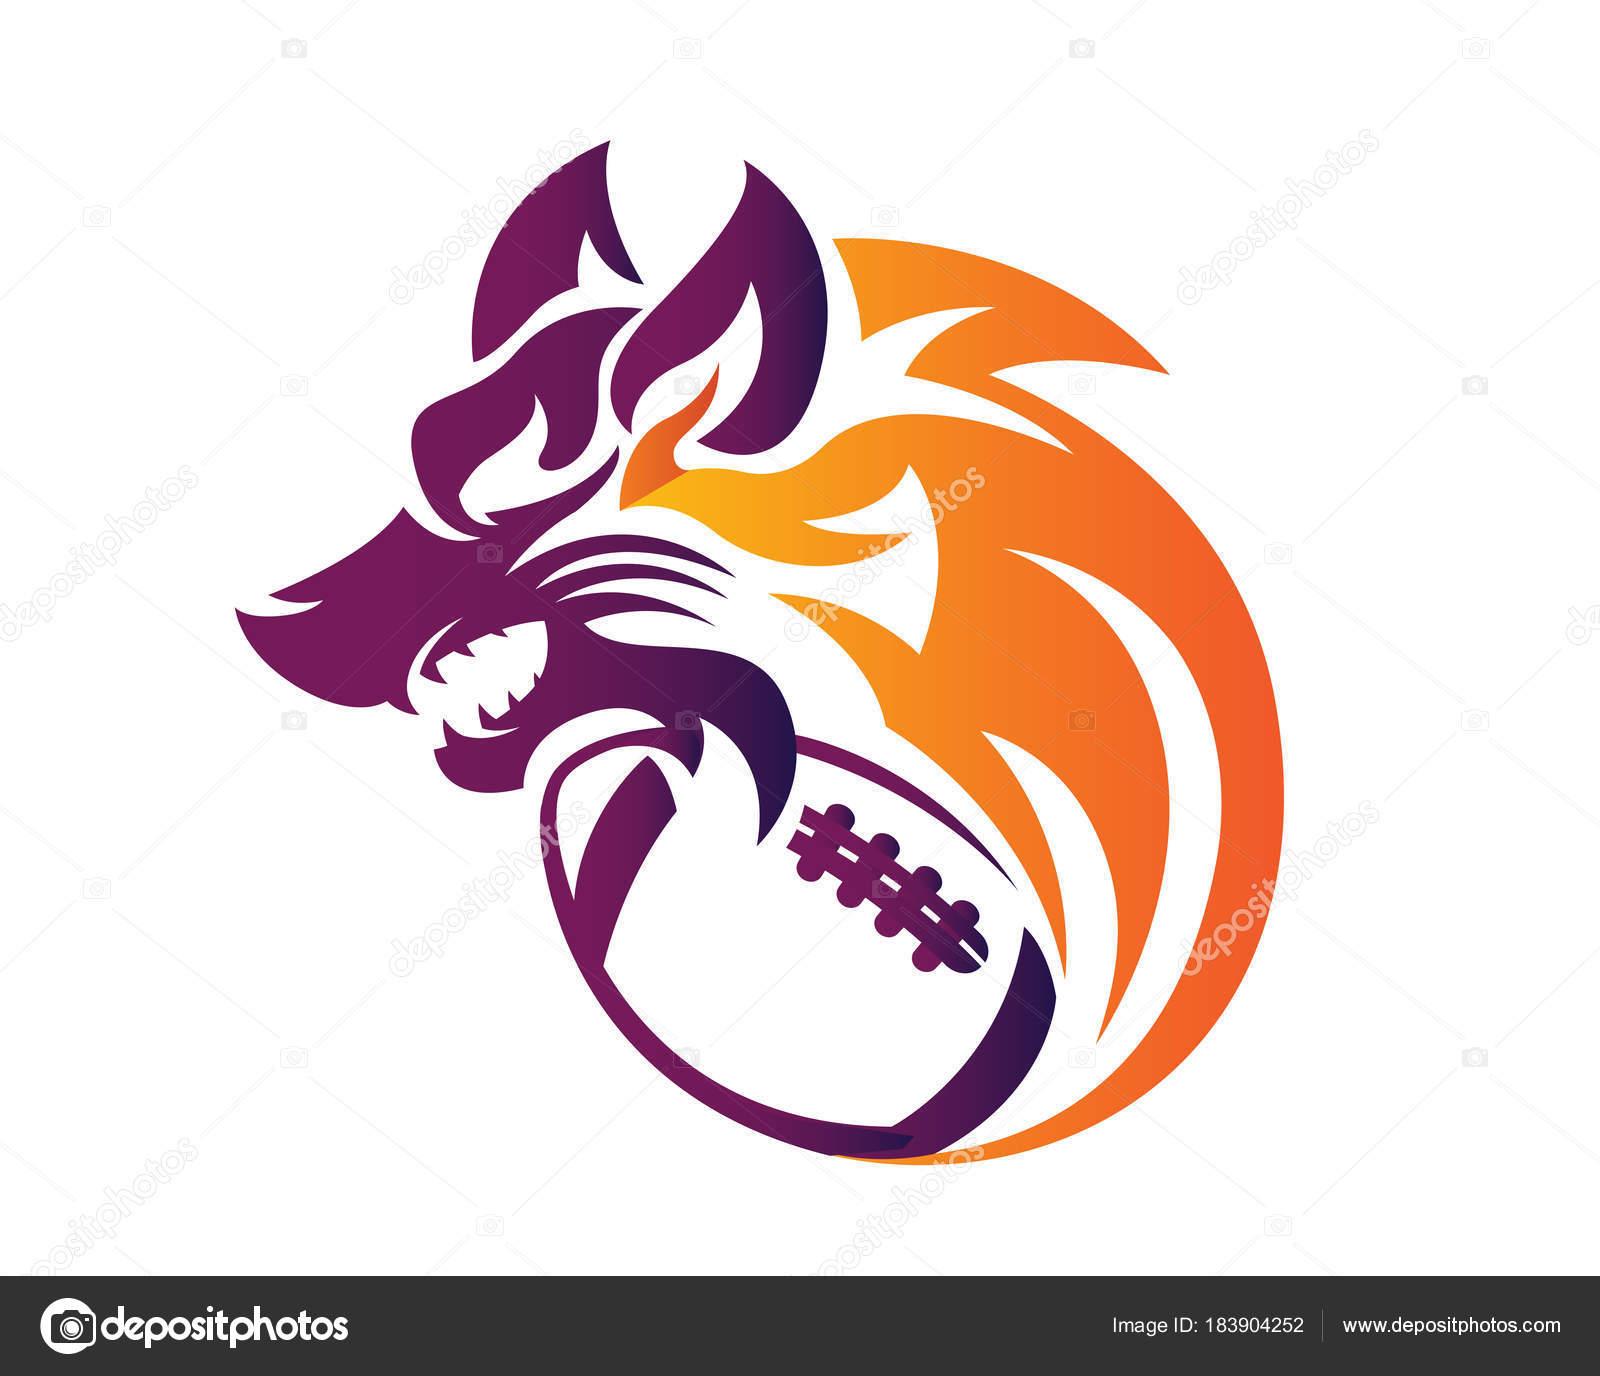 モダンな自信動物スポーツ イラスト アメリカン フットボール狼シンボル